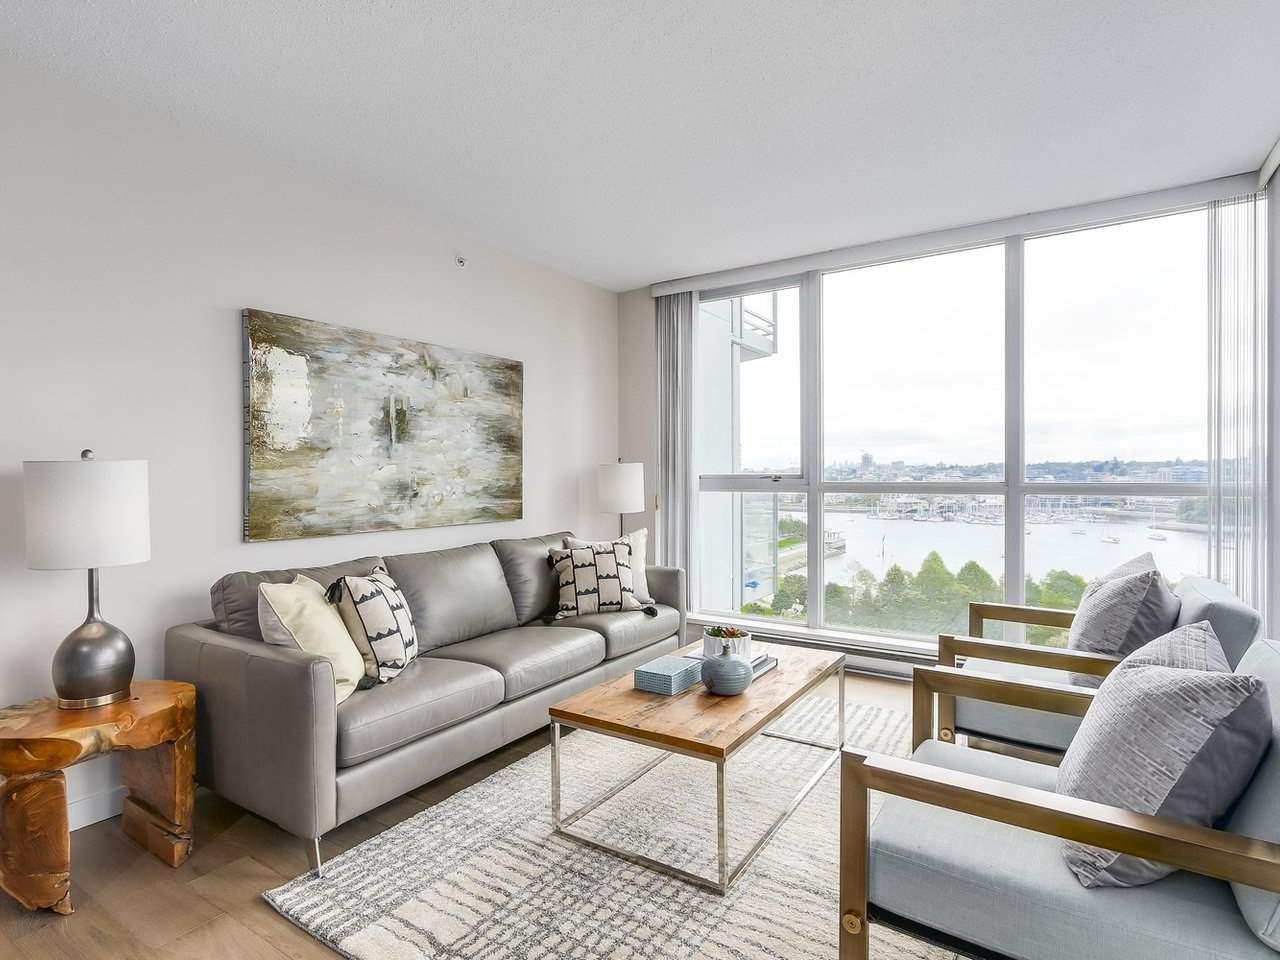 Condo Apartment at 1102 1408 STRATHMORE MEWS, Unit 1102, Vancouver West, British Columbia. Image 3